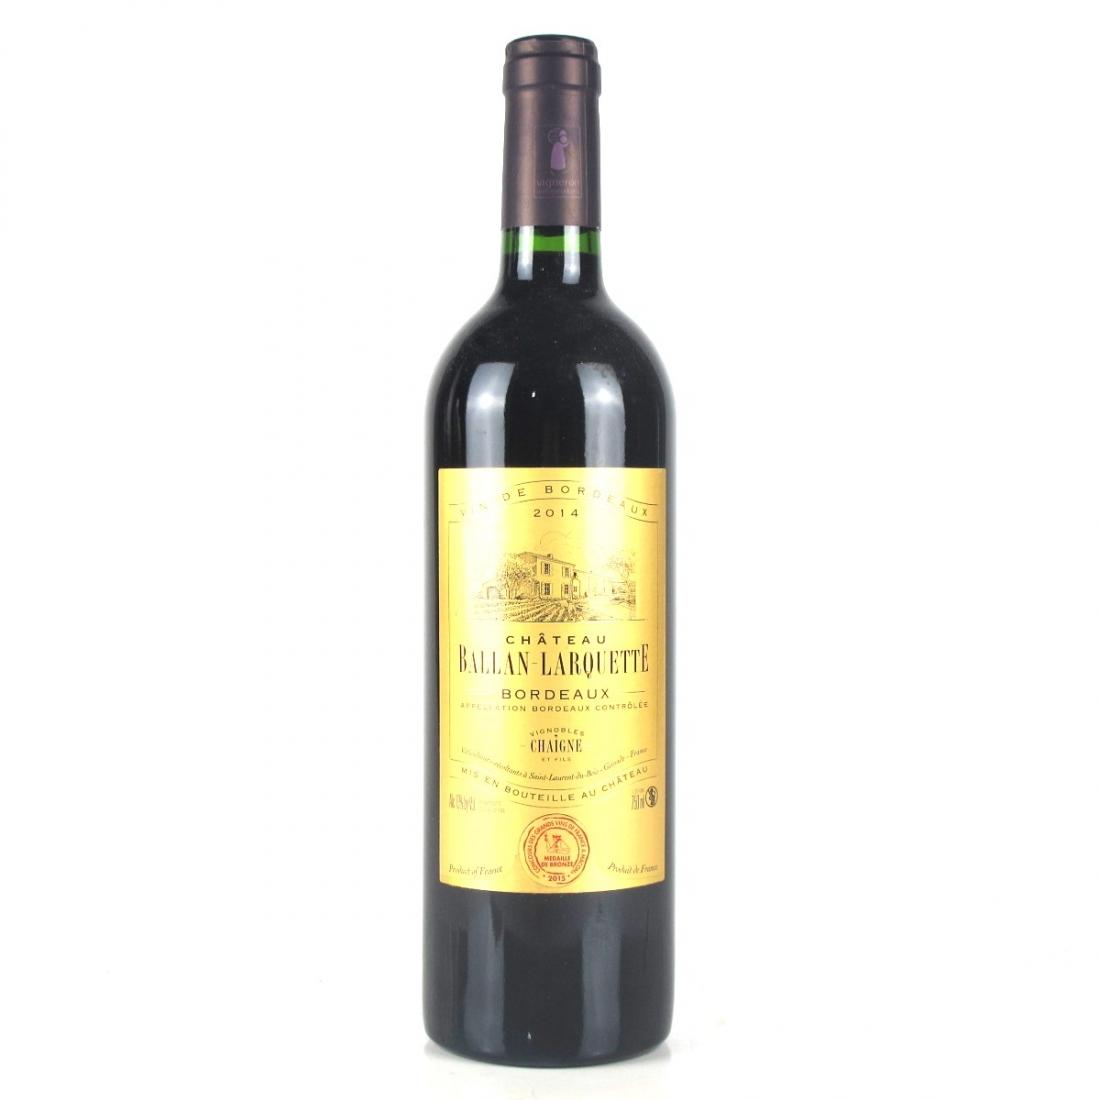 Ch. Ballan-Larquette 2014 Bordeaux